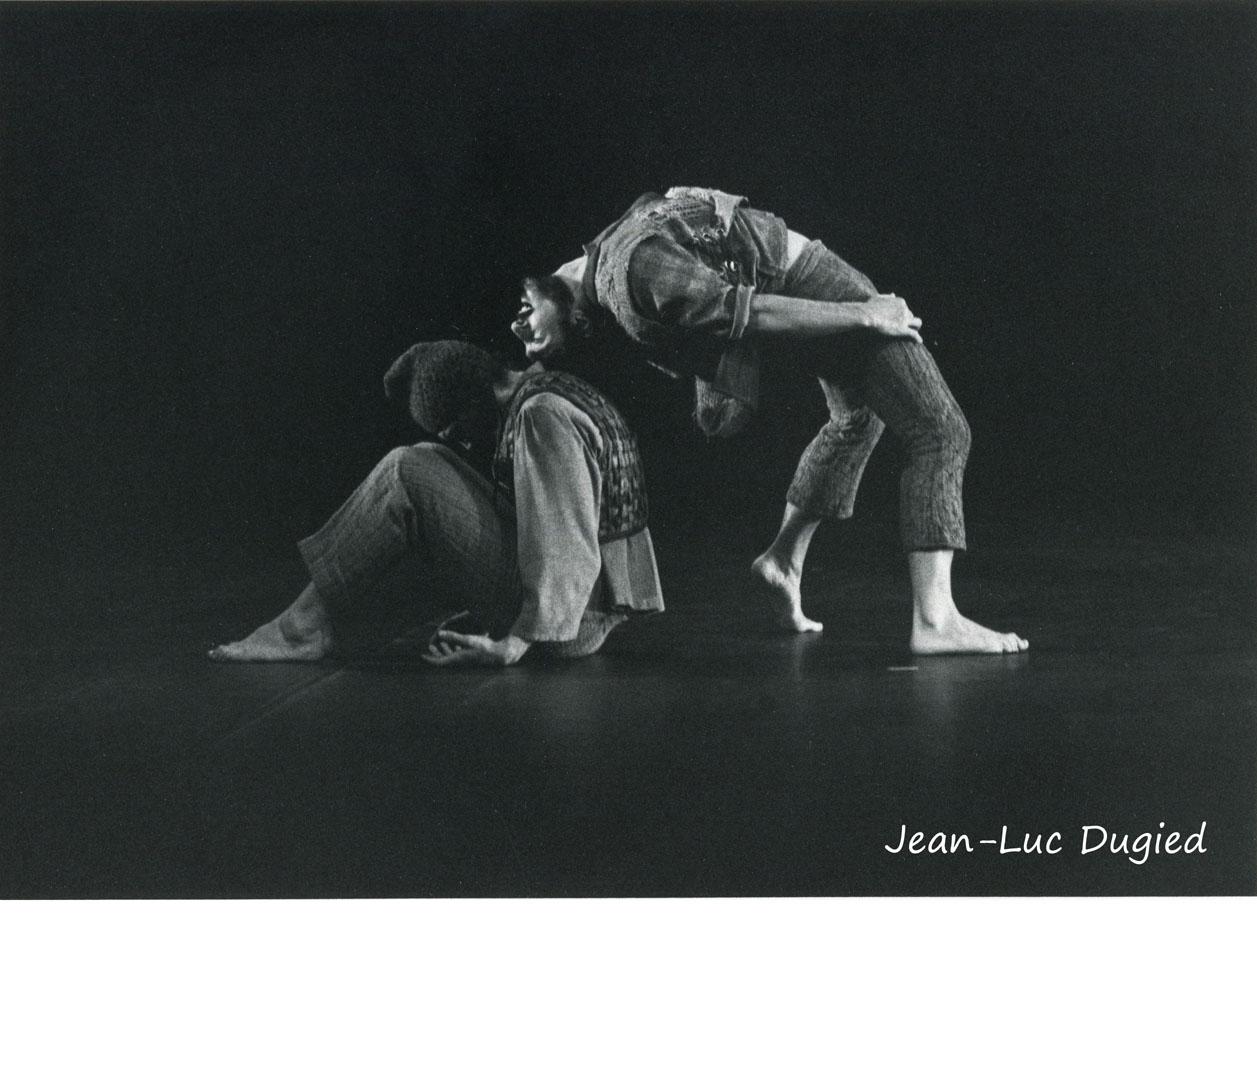 30 Crowsnest - Tarleton's resurrection - Jamey Hampton et Félix Blaska - 1983